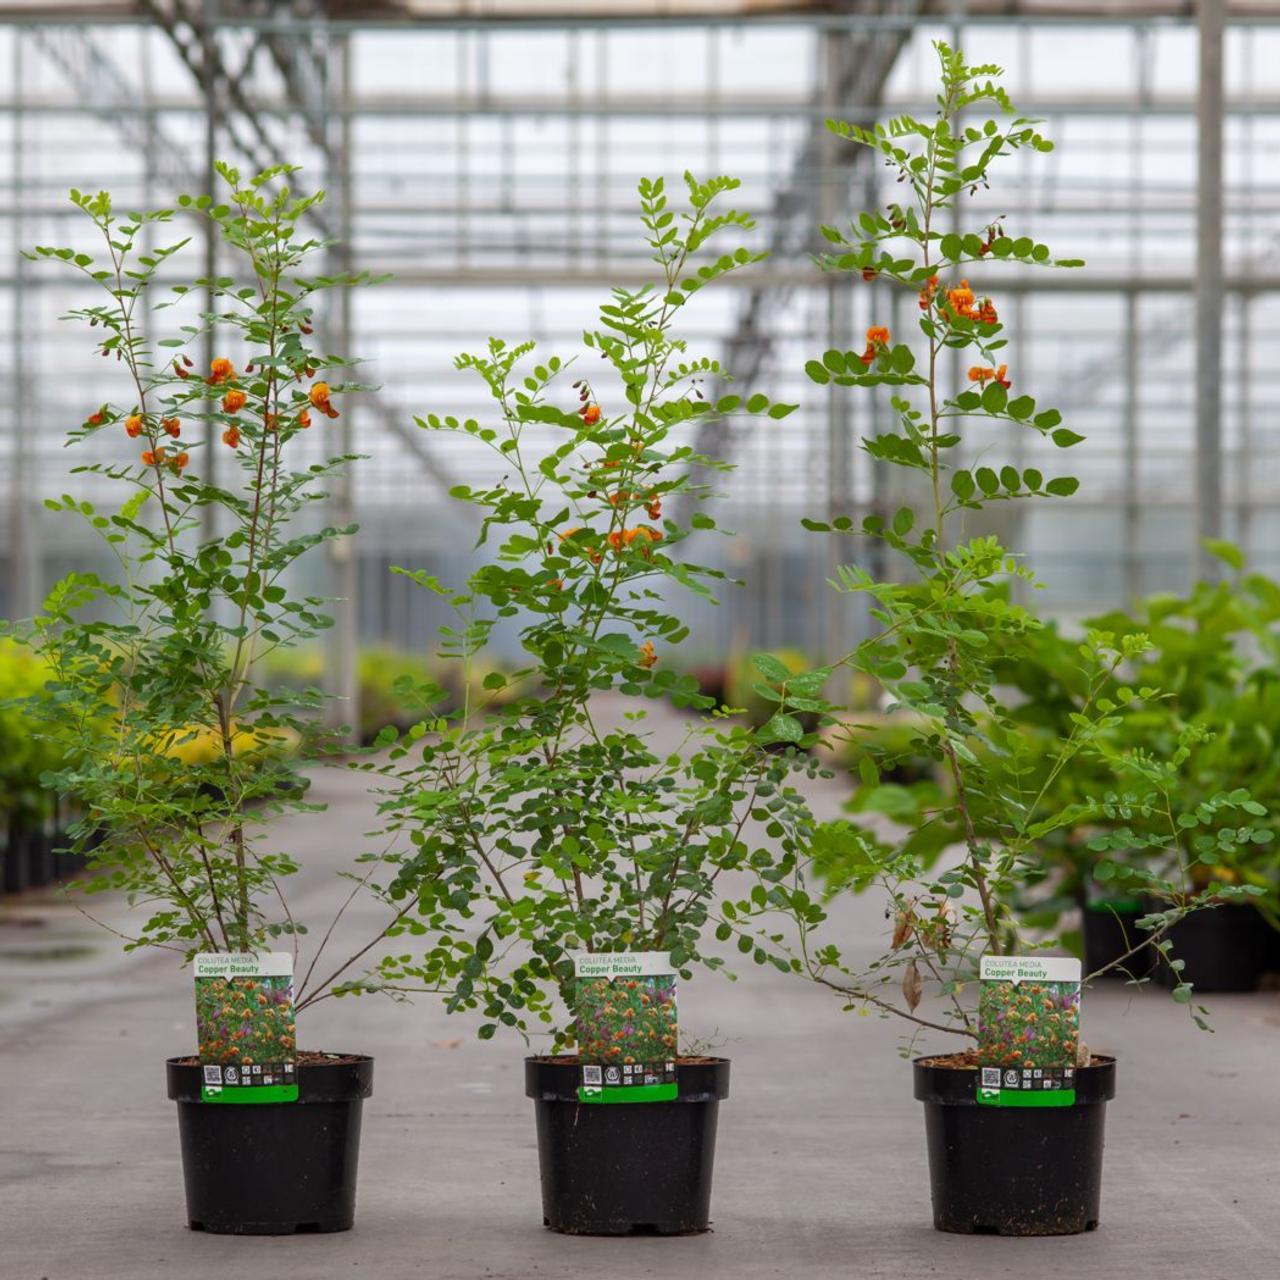 Colutea media 'Copper Beauty' plant